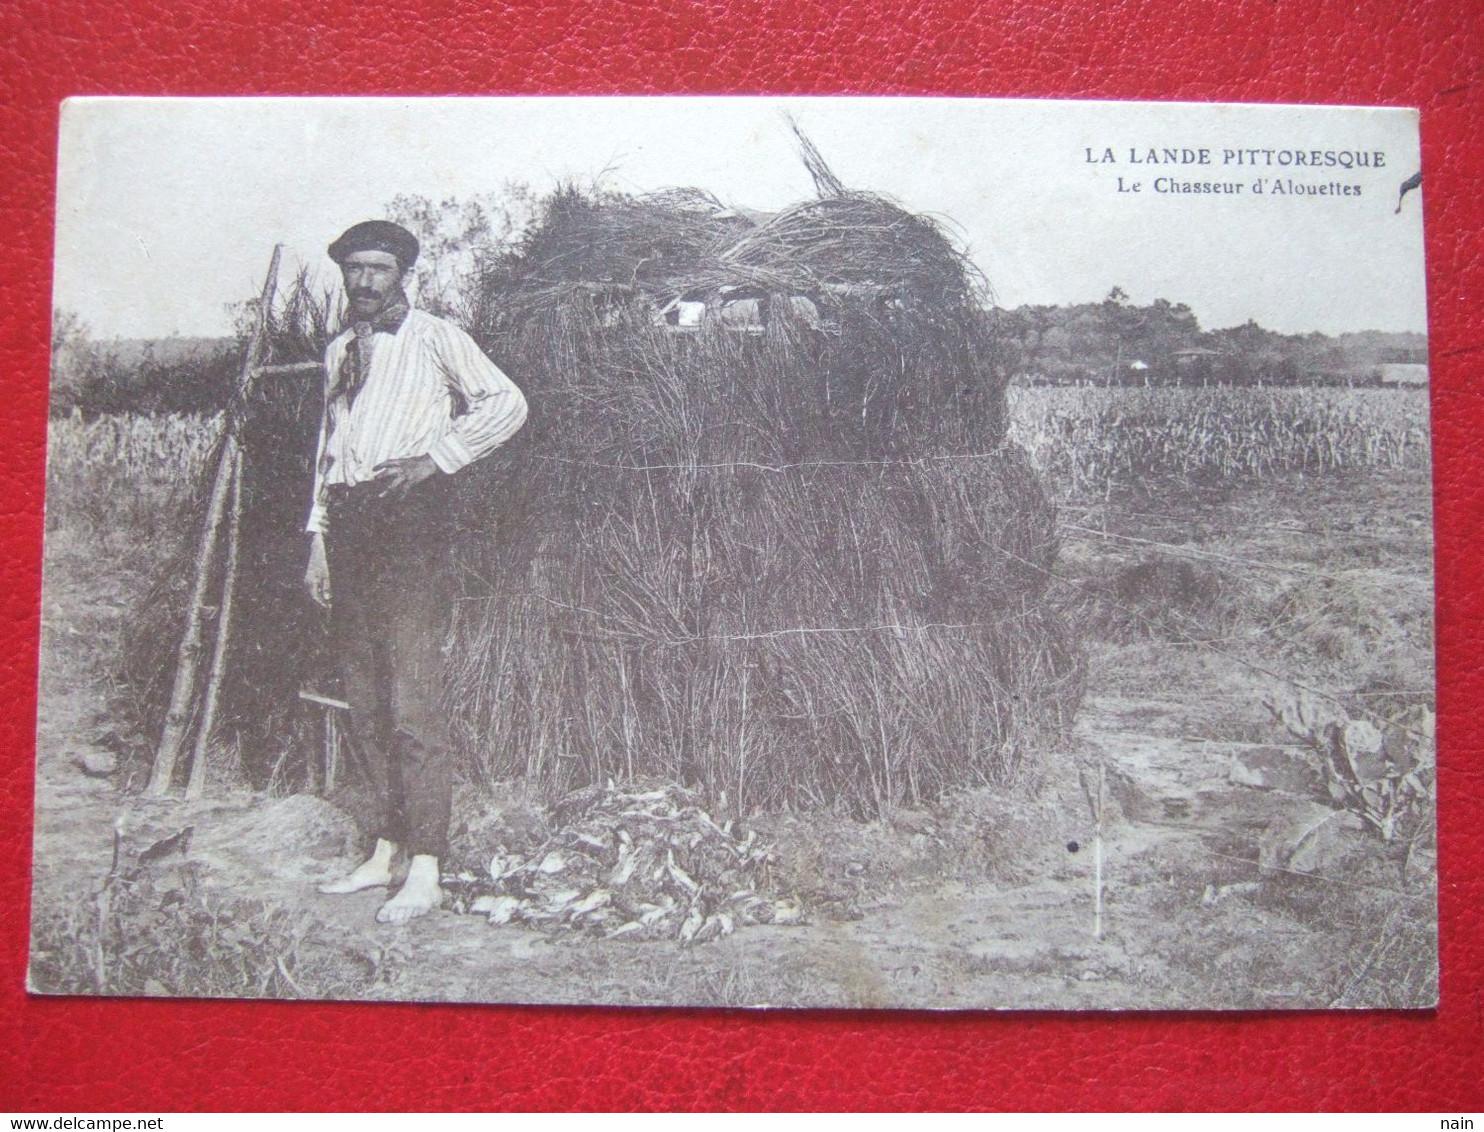 """40 - CHASSE - """" LE CHASSEUR D' ALOUETTES """" - LA LANDE PITTORESQUE - ----- """" TRES RARE """" ------- - Unclassified"""